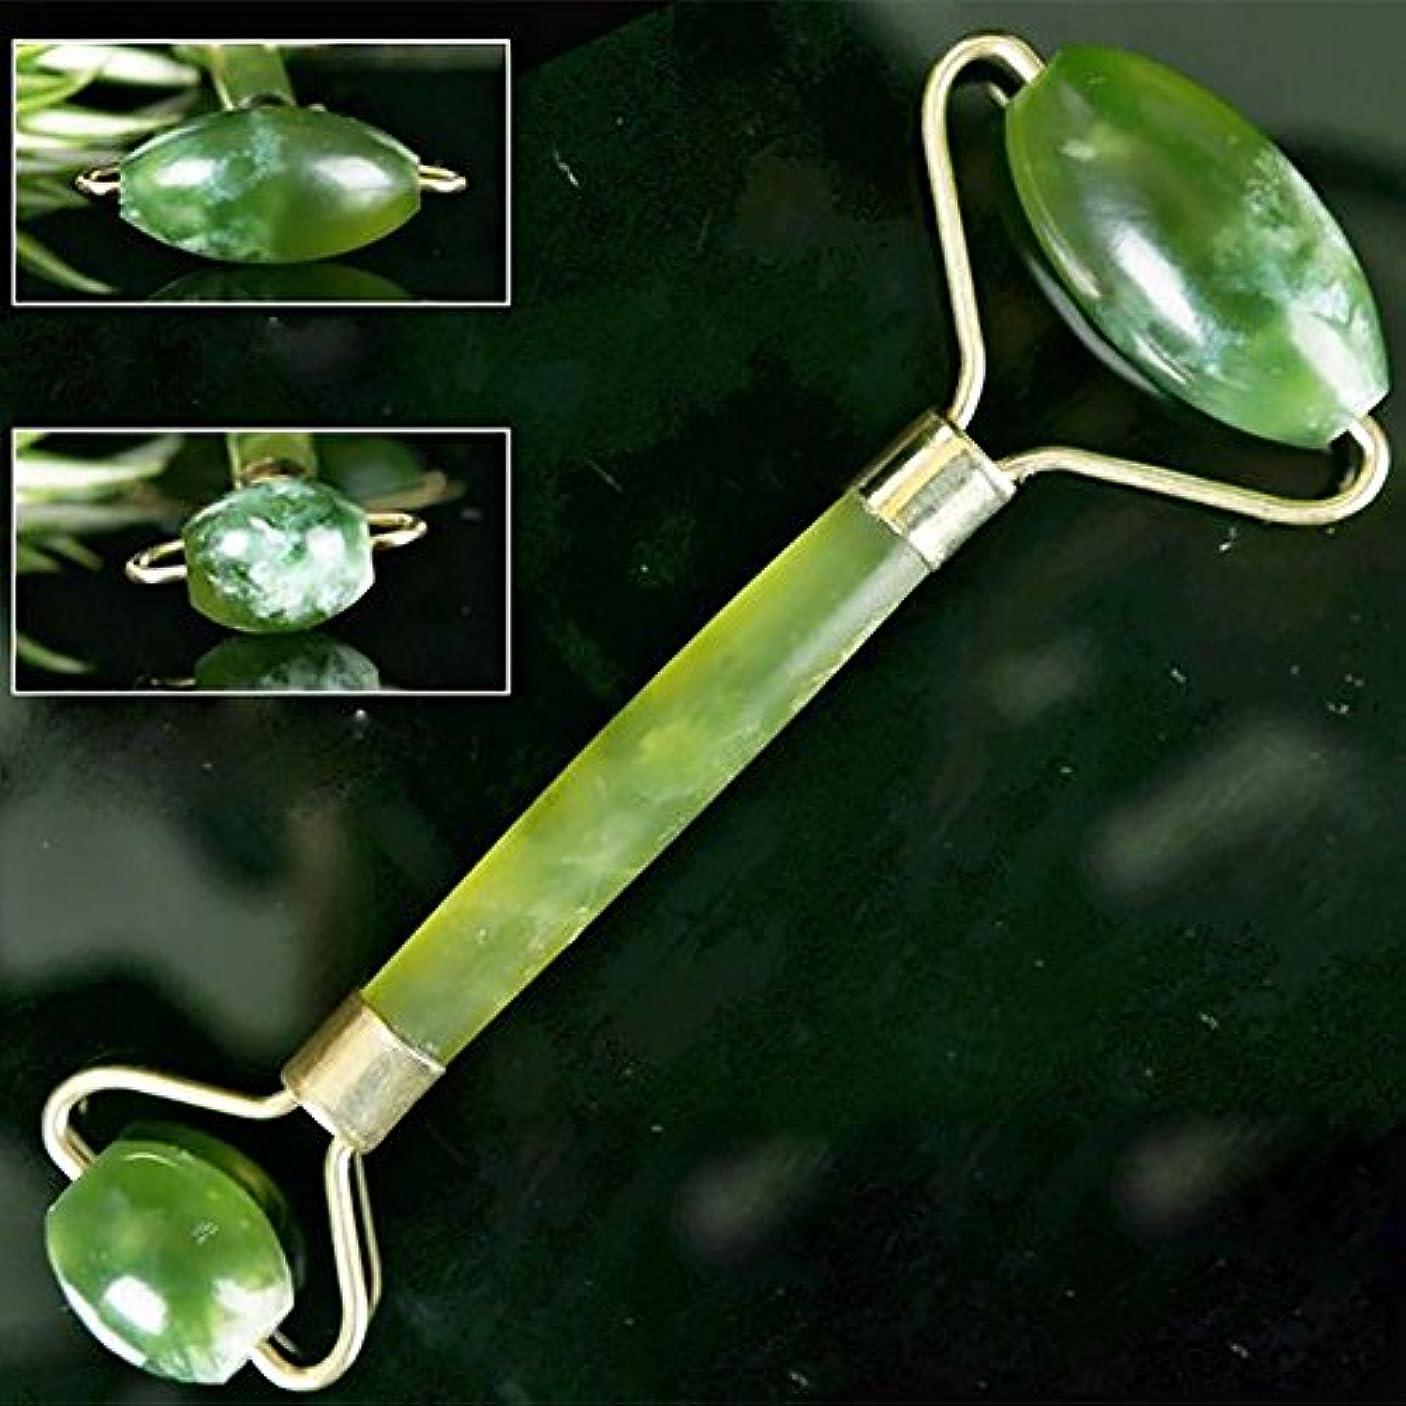 削除するアクセルええEcho & Kern 翡翠ローラーフェイスマッサジローラーGreen Crystal Double head Jade Roller